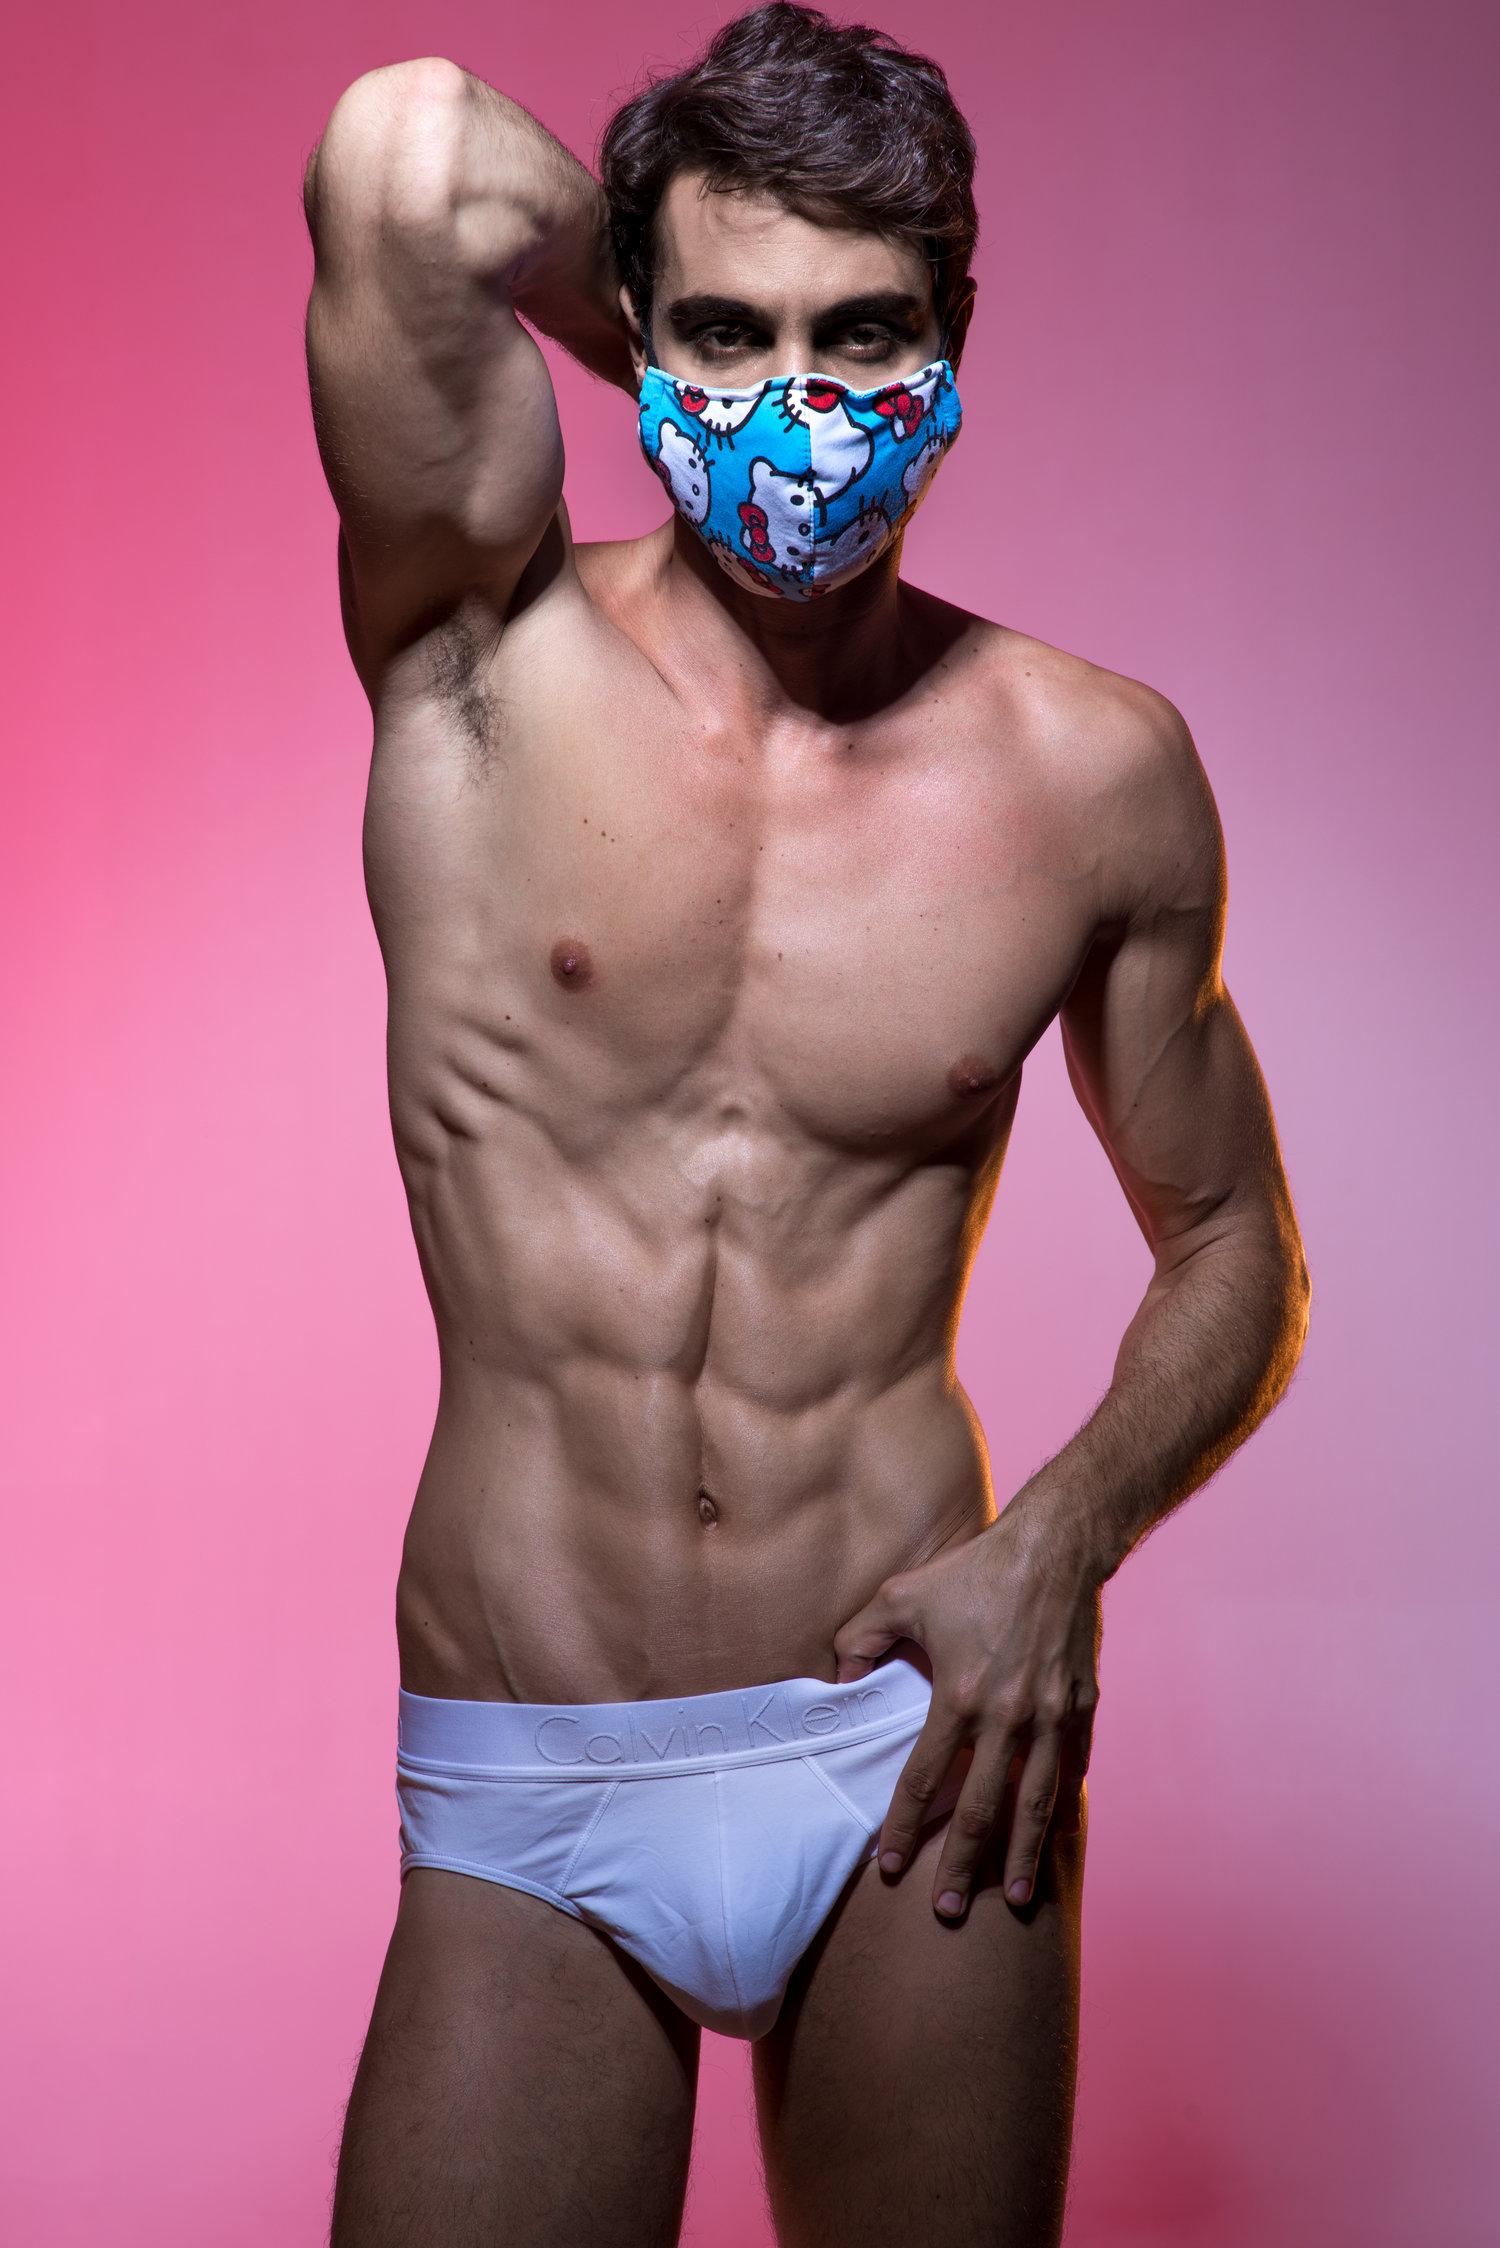 Adon Exclusive: Model Victor DalCol By Juliana Soo